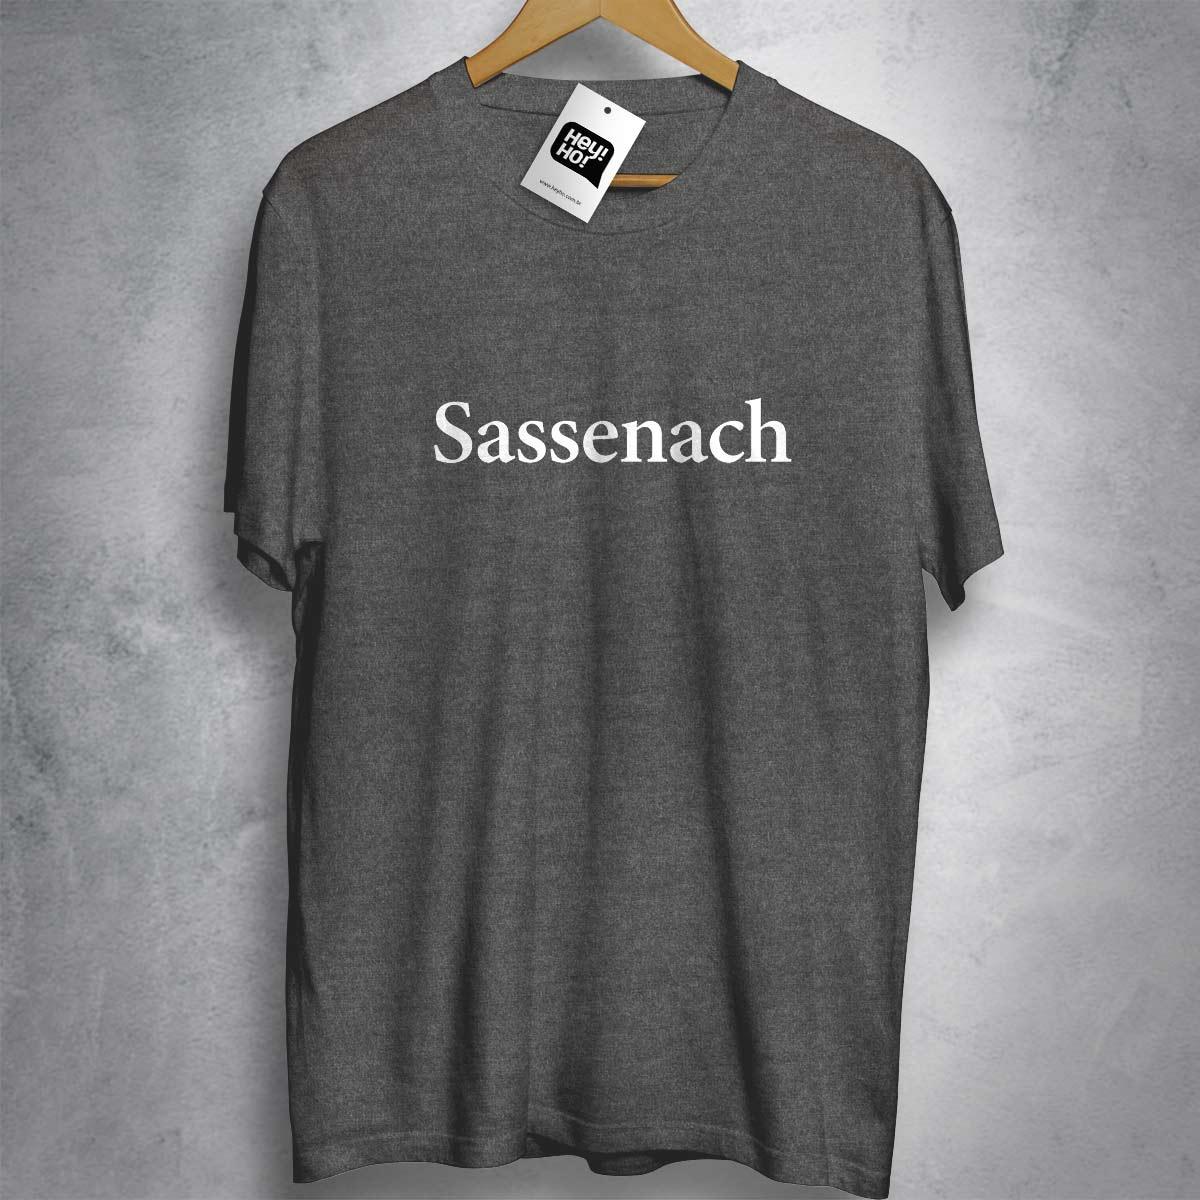 OUTLANDER - Sassenach